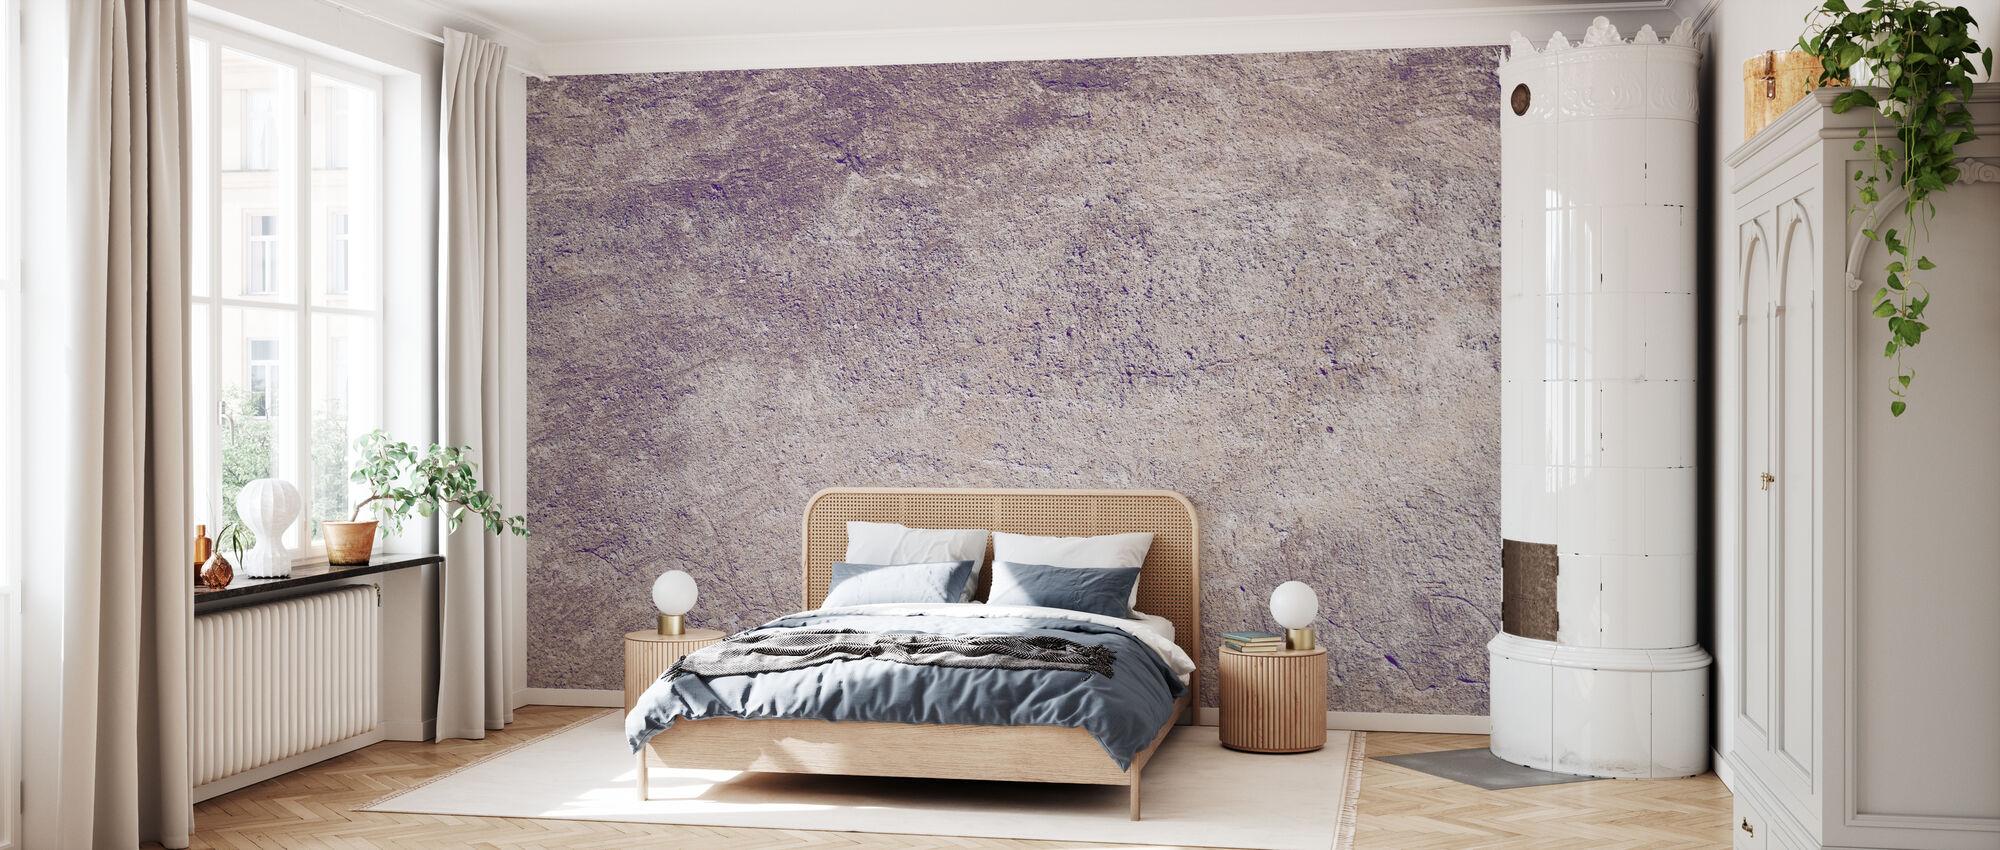 Flieder farbige Betonwand - Tapete - Schlafzimmer